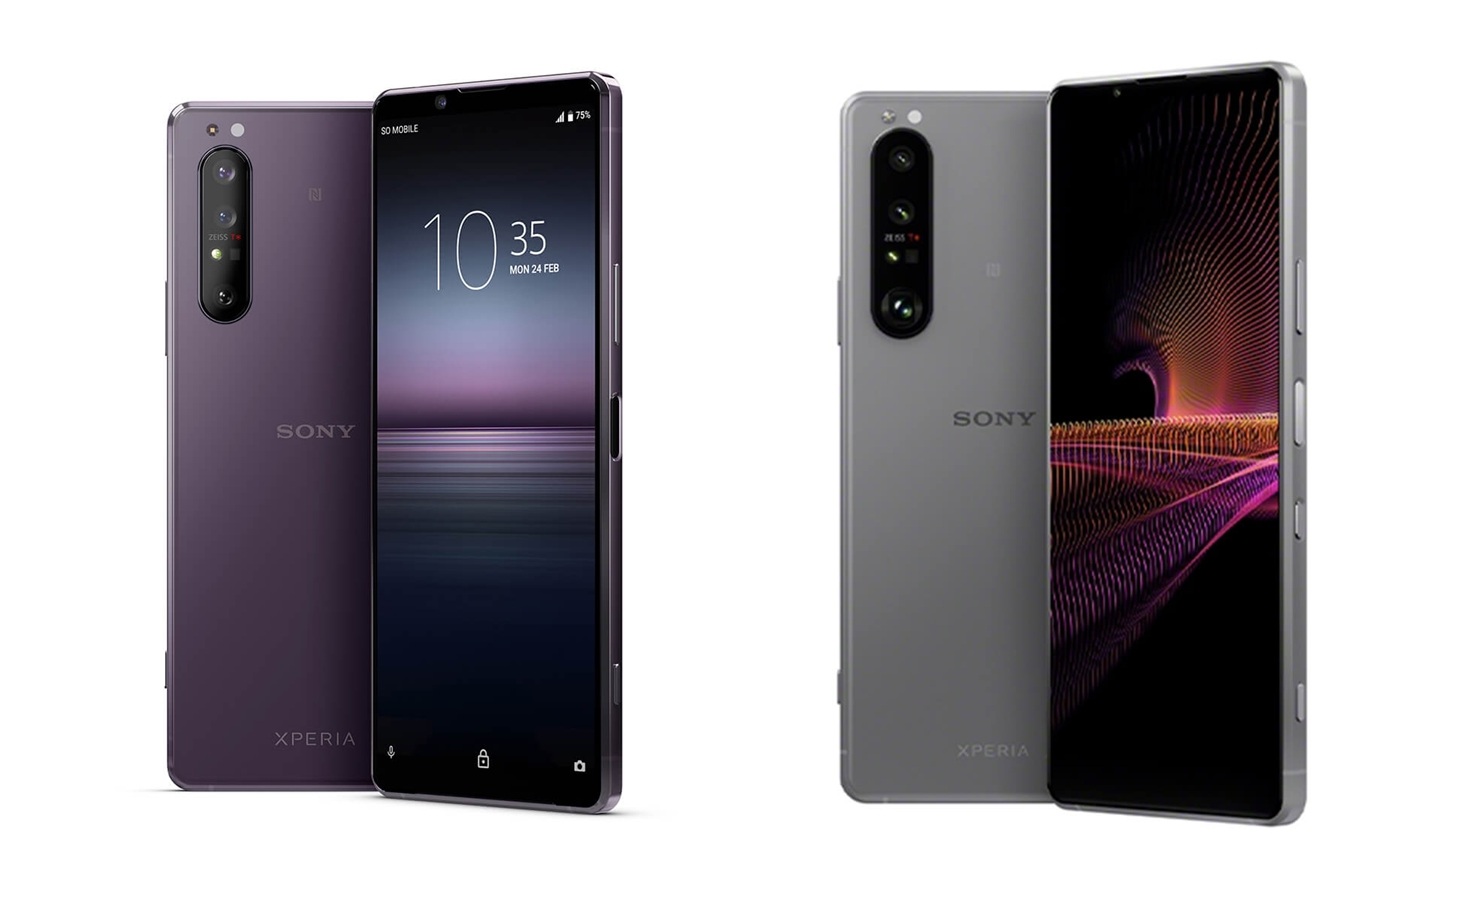 【手機專知】Sony Xperia 1 III跟1 II的不同差異為何?消費者該怎麼選擇?